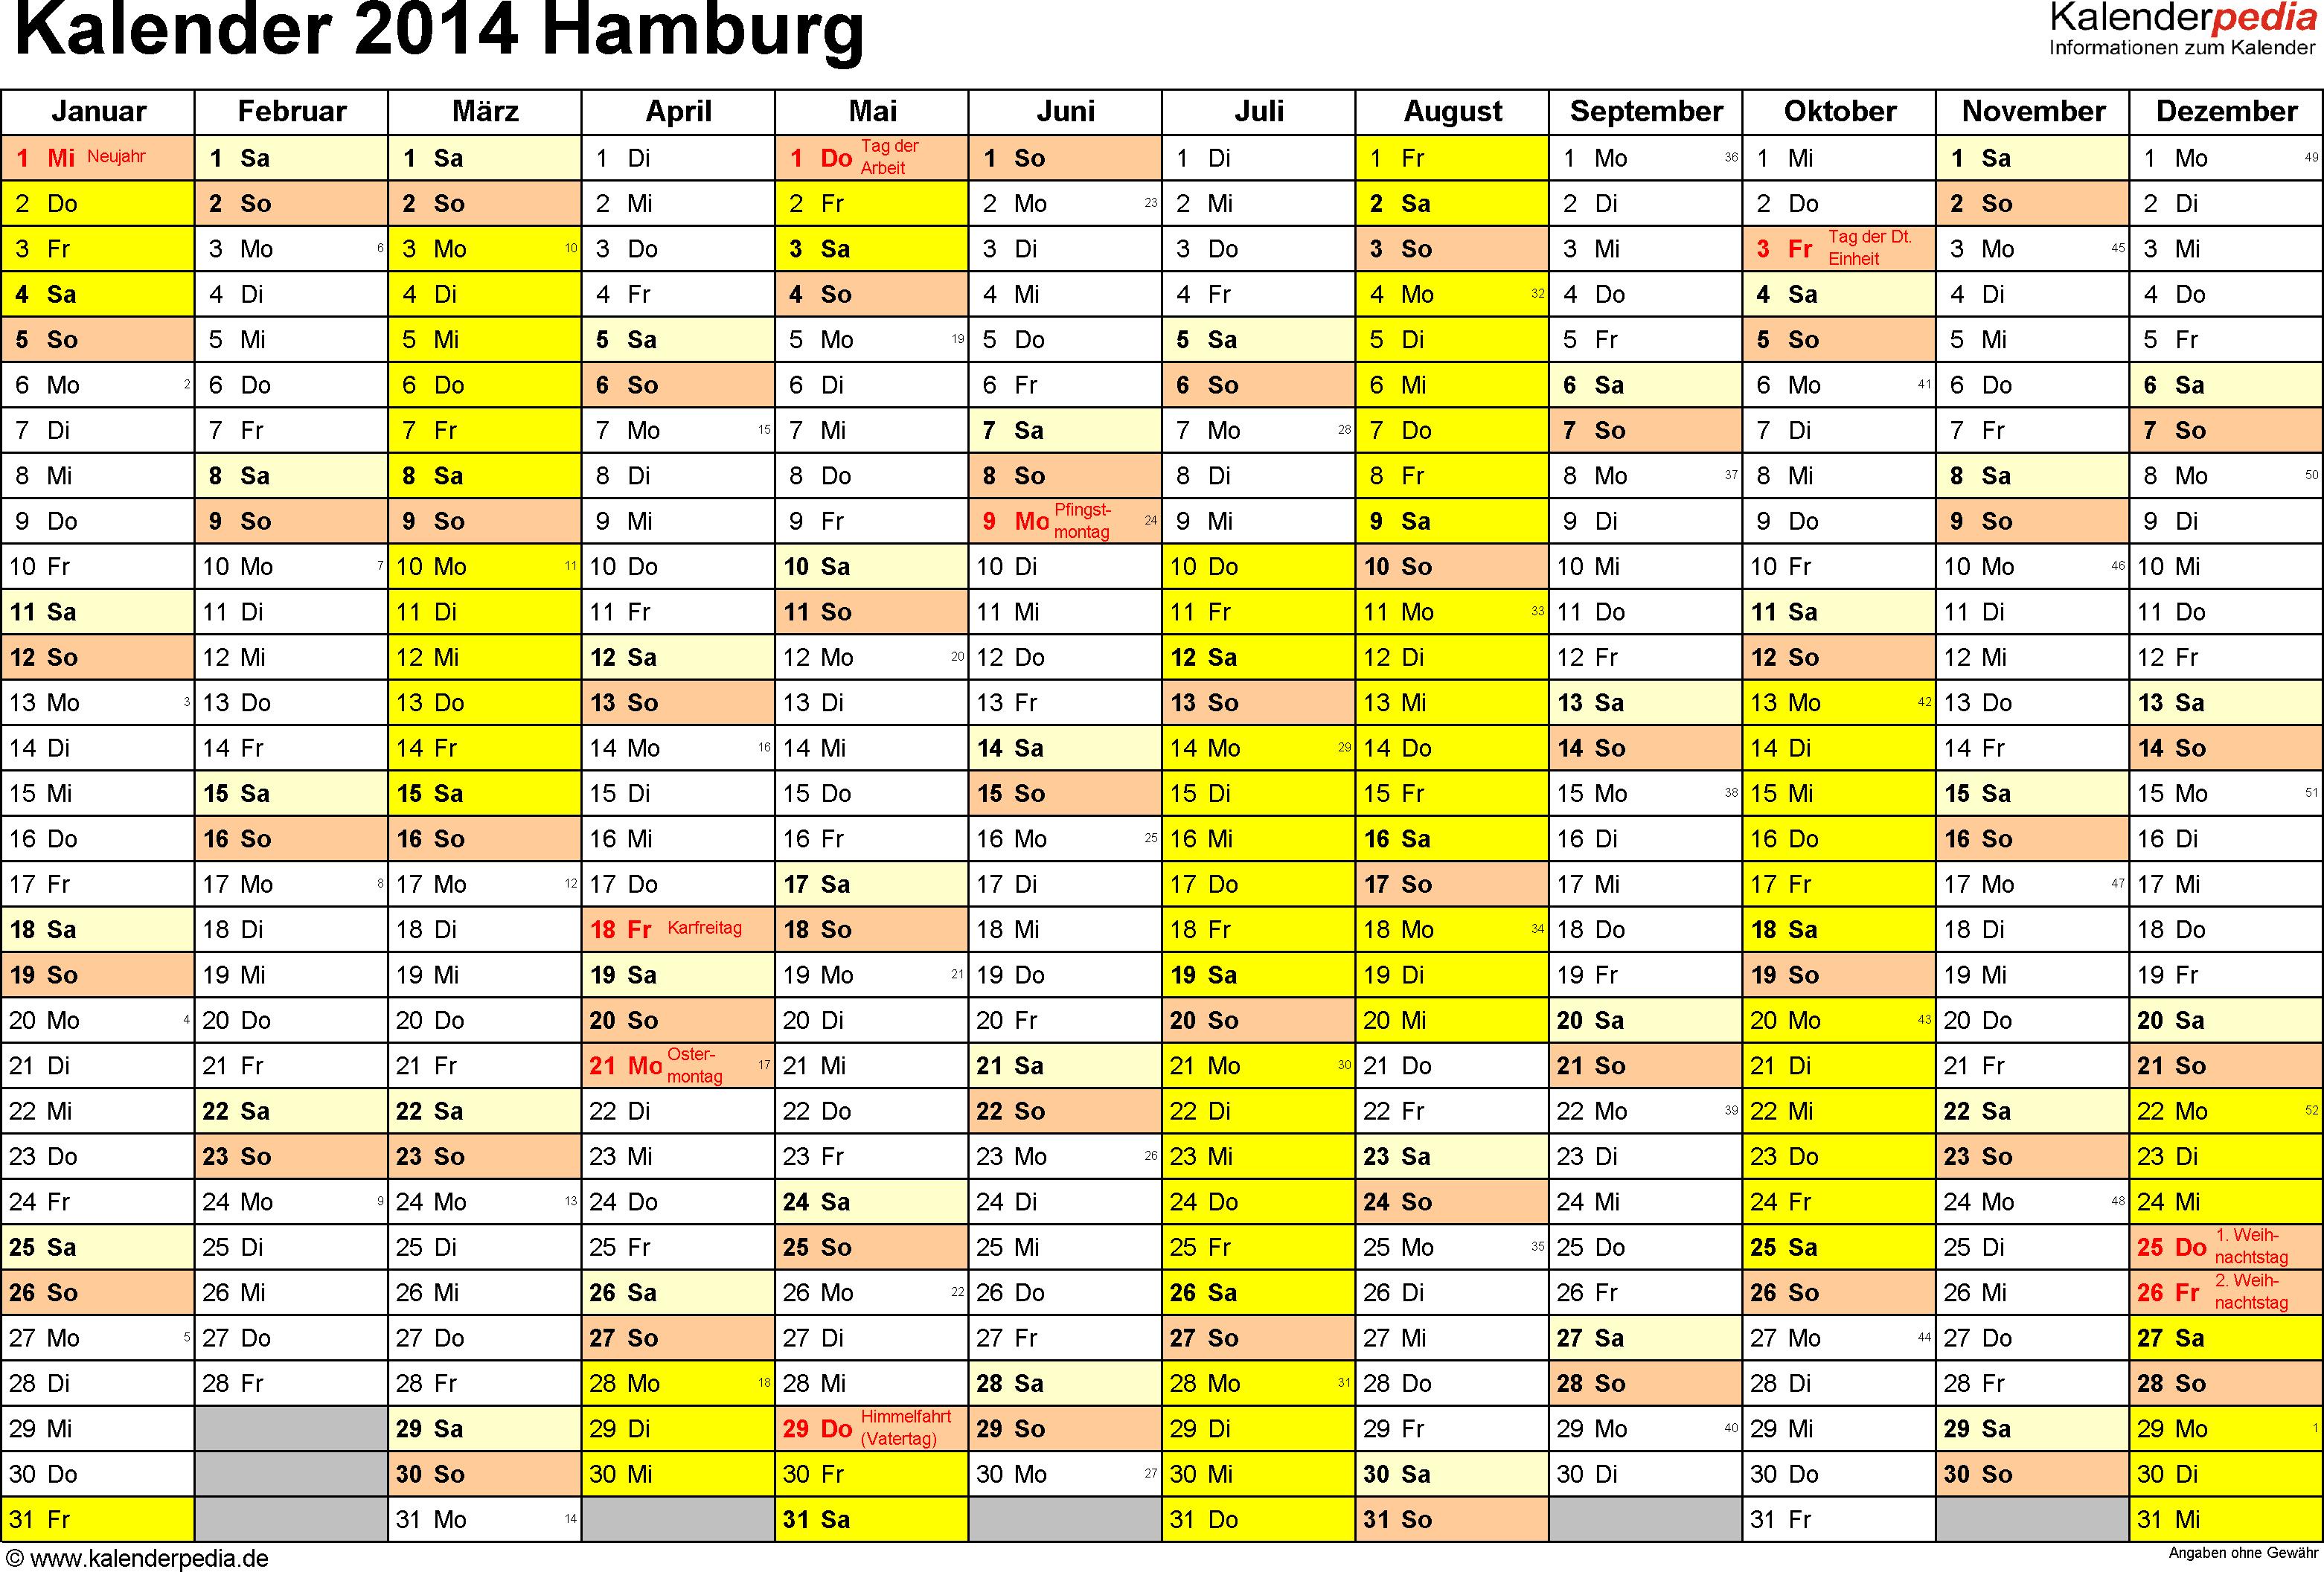 Vorlage 1: Kalender 2014 für Hamburg als Word-Vorlage (Querformat, 1 Seite)